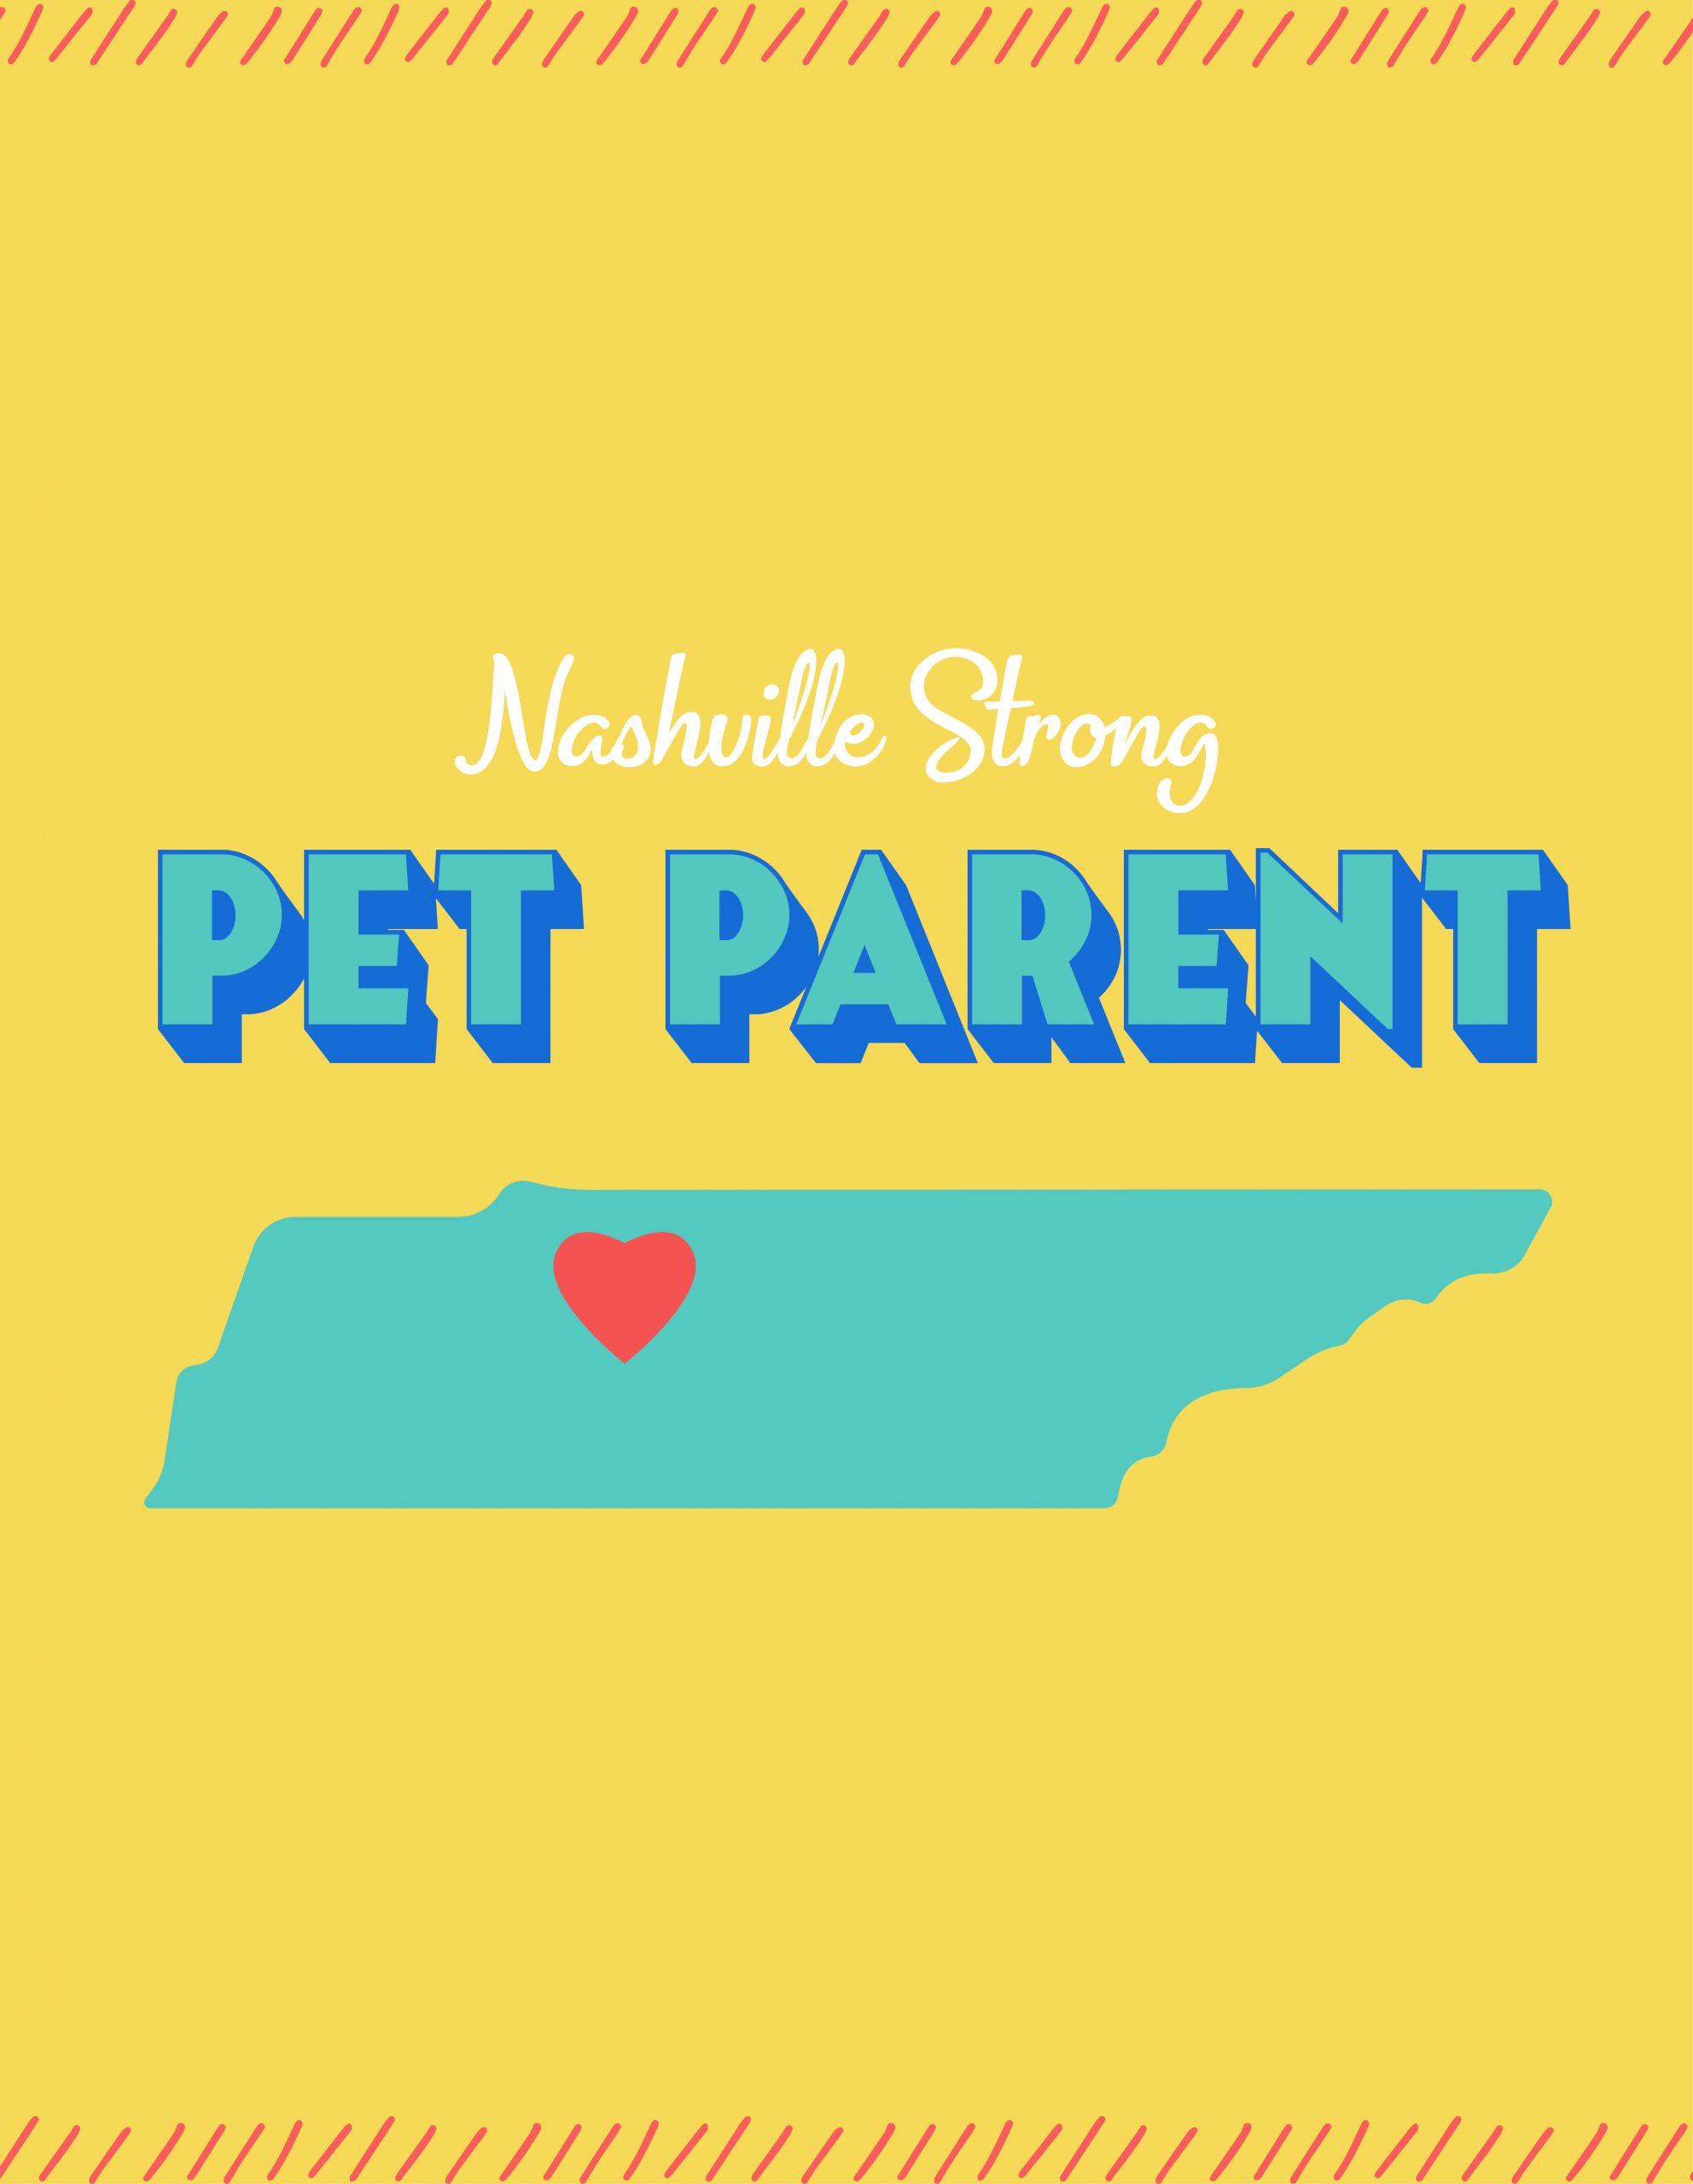 Nashville Strong Pet Parent